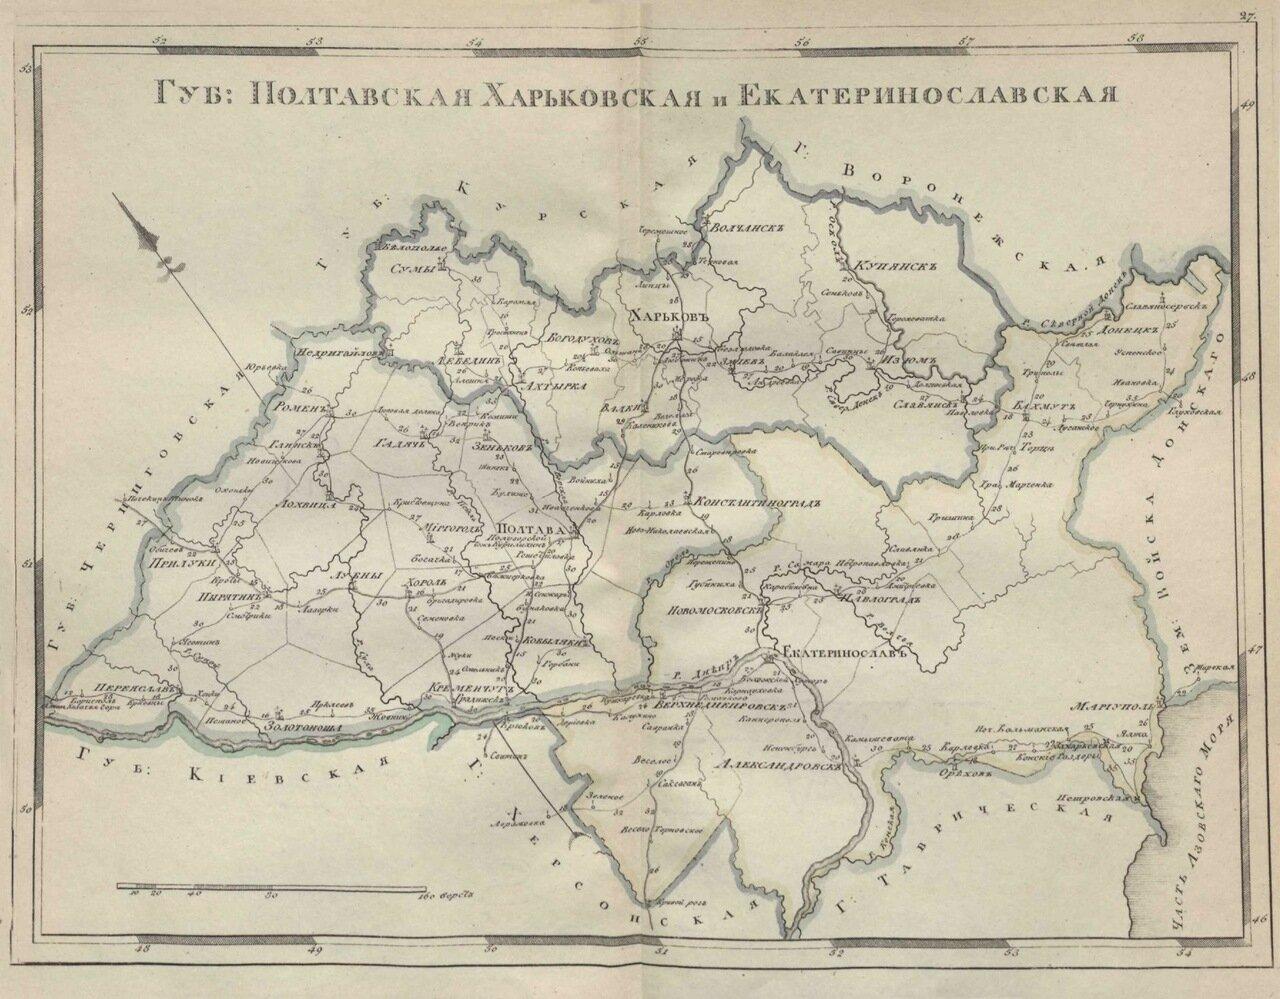 27.Г. Полтавская. Харьковская, Екатеринославская